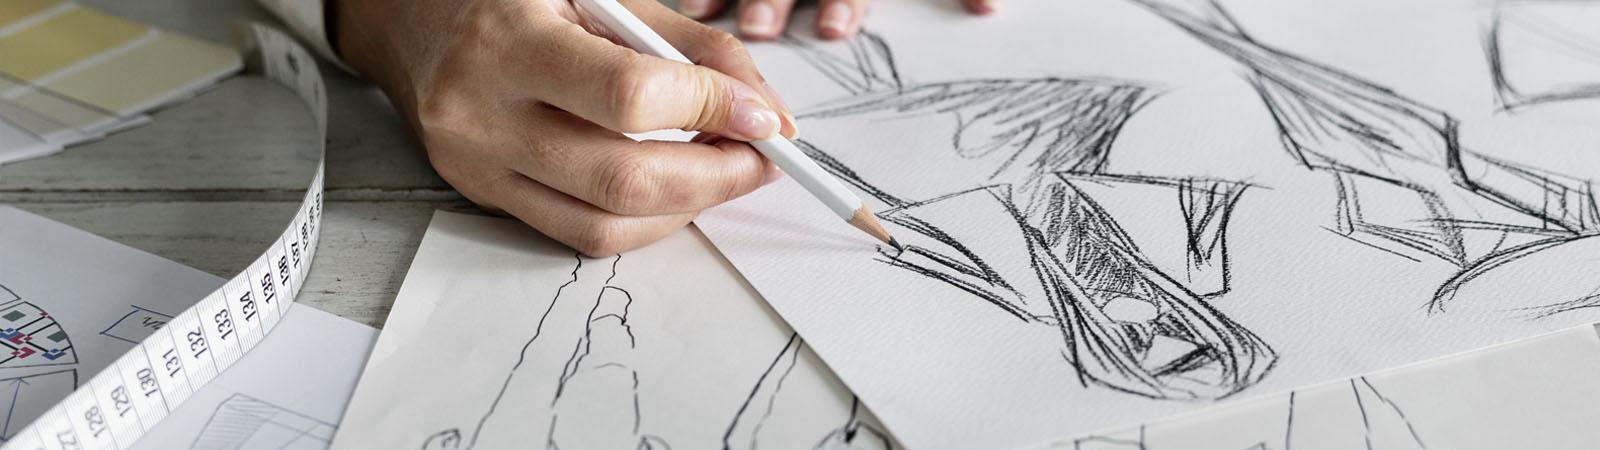 cursos de desenho de moda online